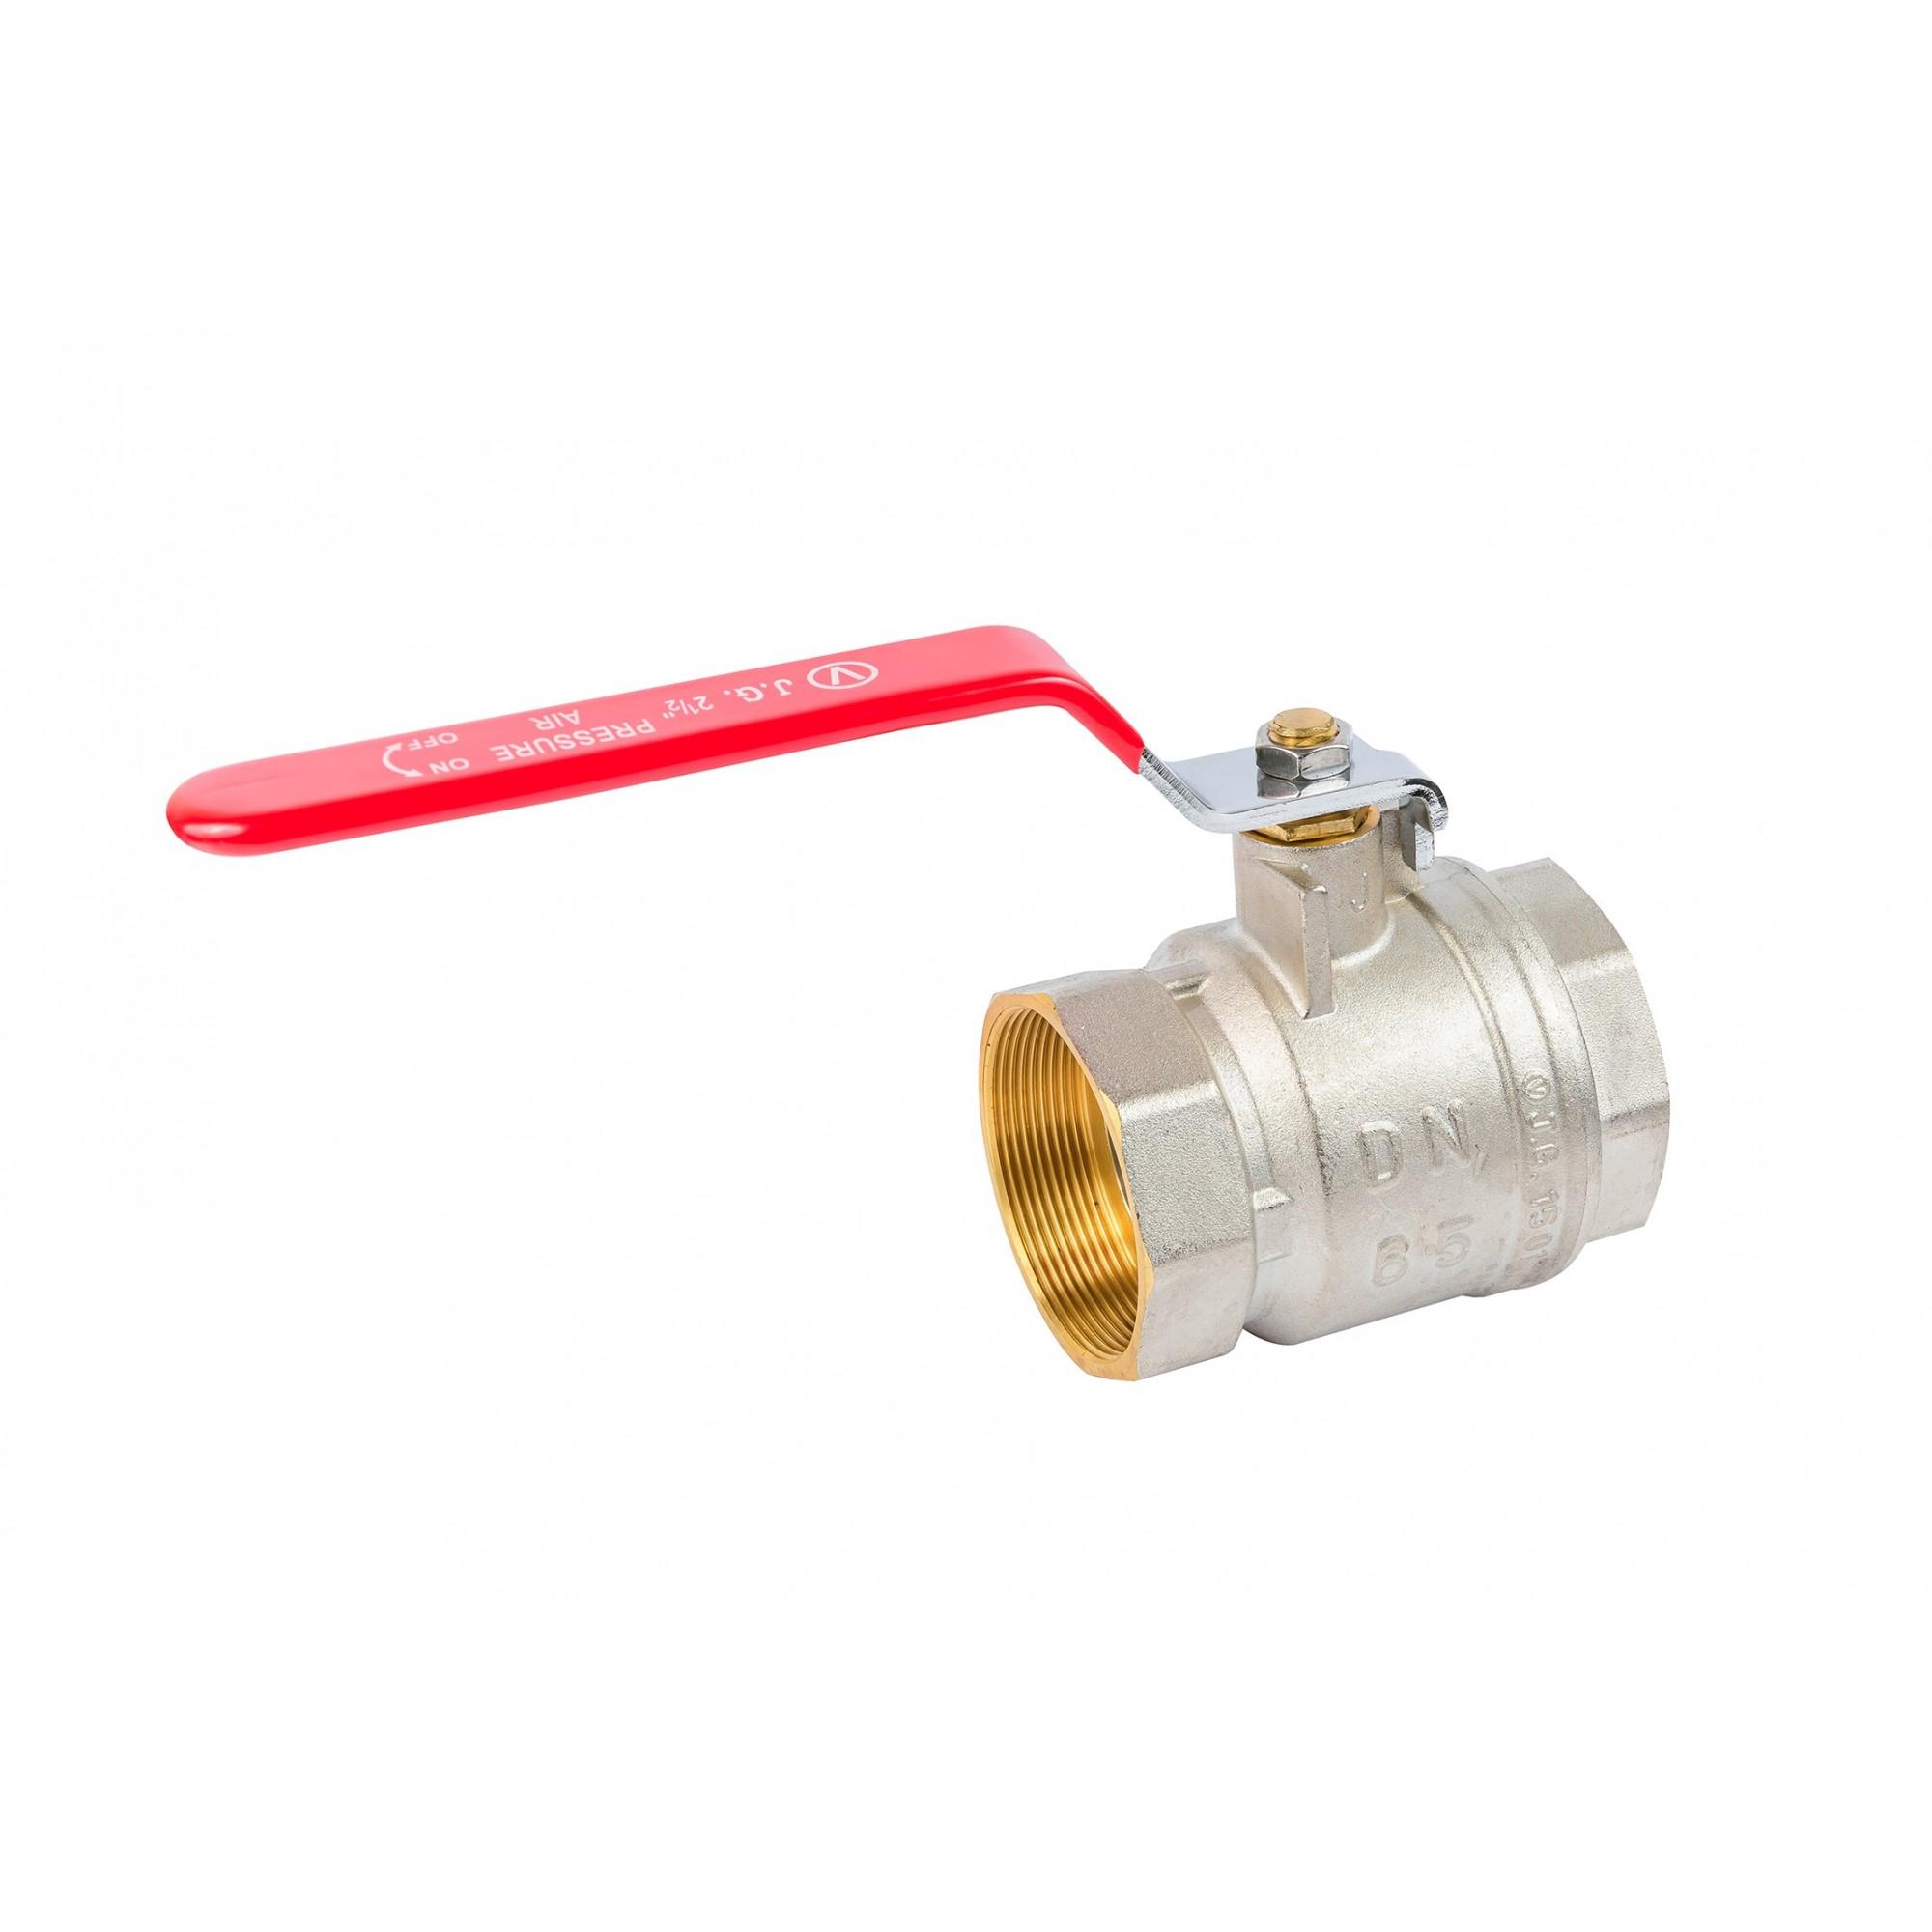 Кран шаровый Valve J.G. 2-1/2'' вв красная ручка для воды J.G. - 1